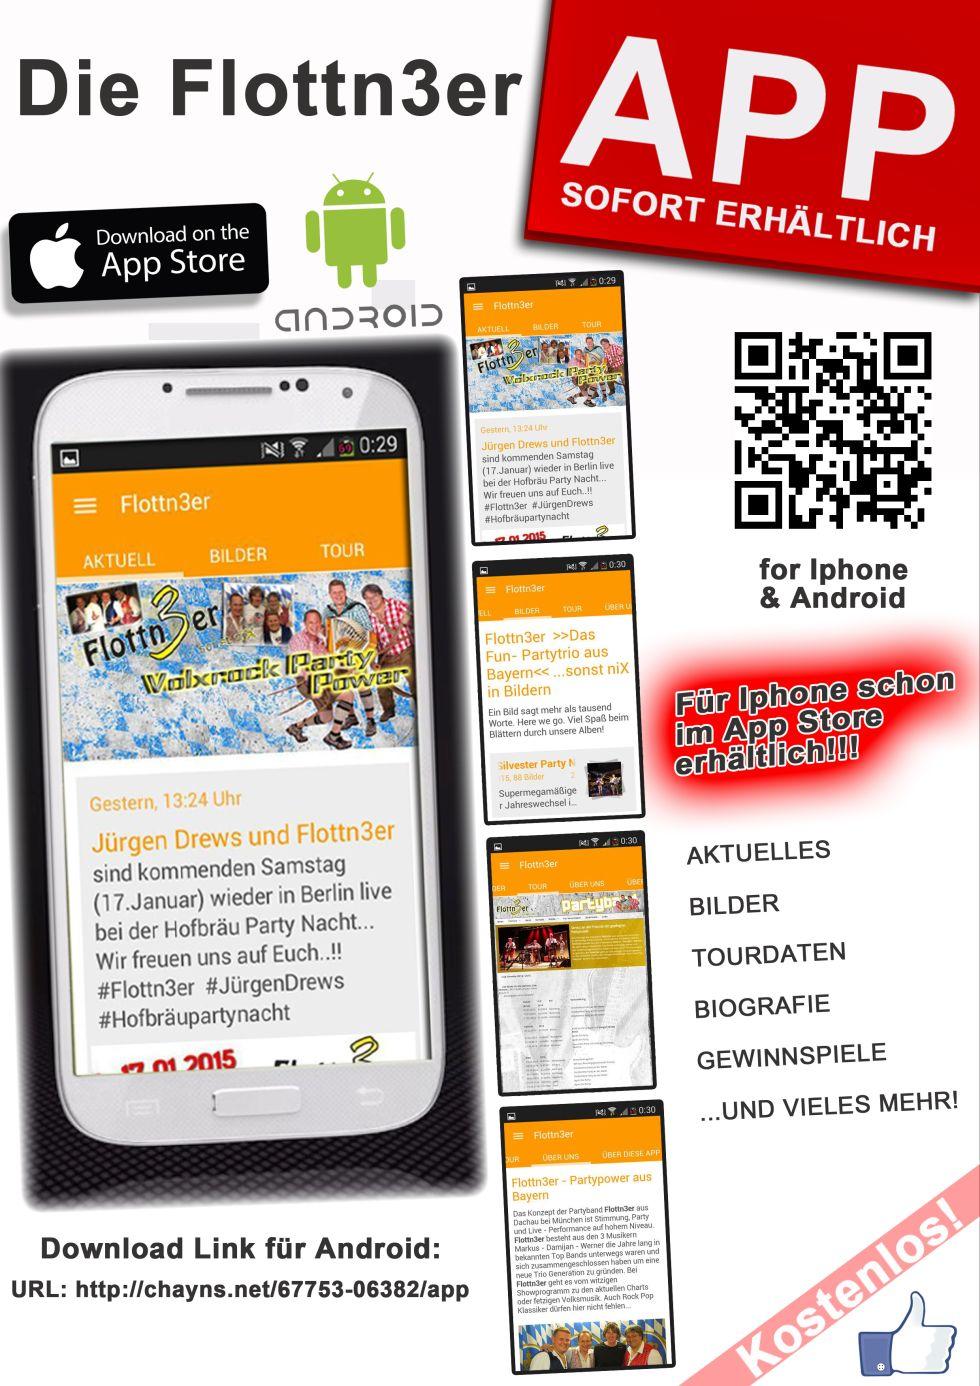 Flottn3er App, App, App von Flottn3er, Smartphone App Flottn3er